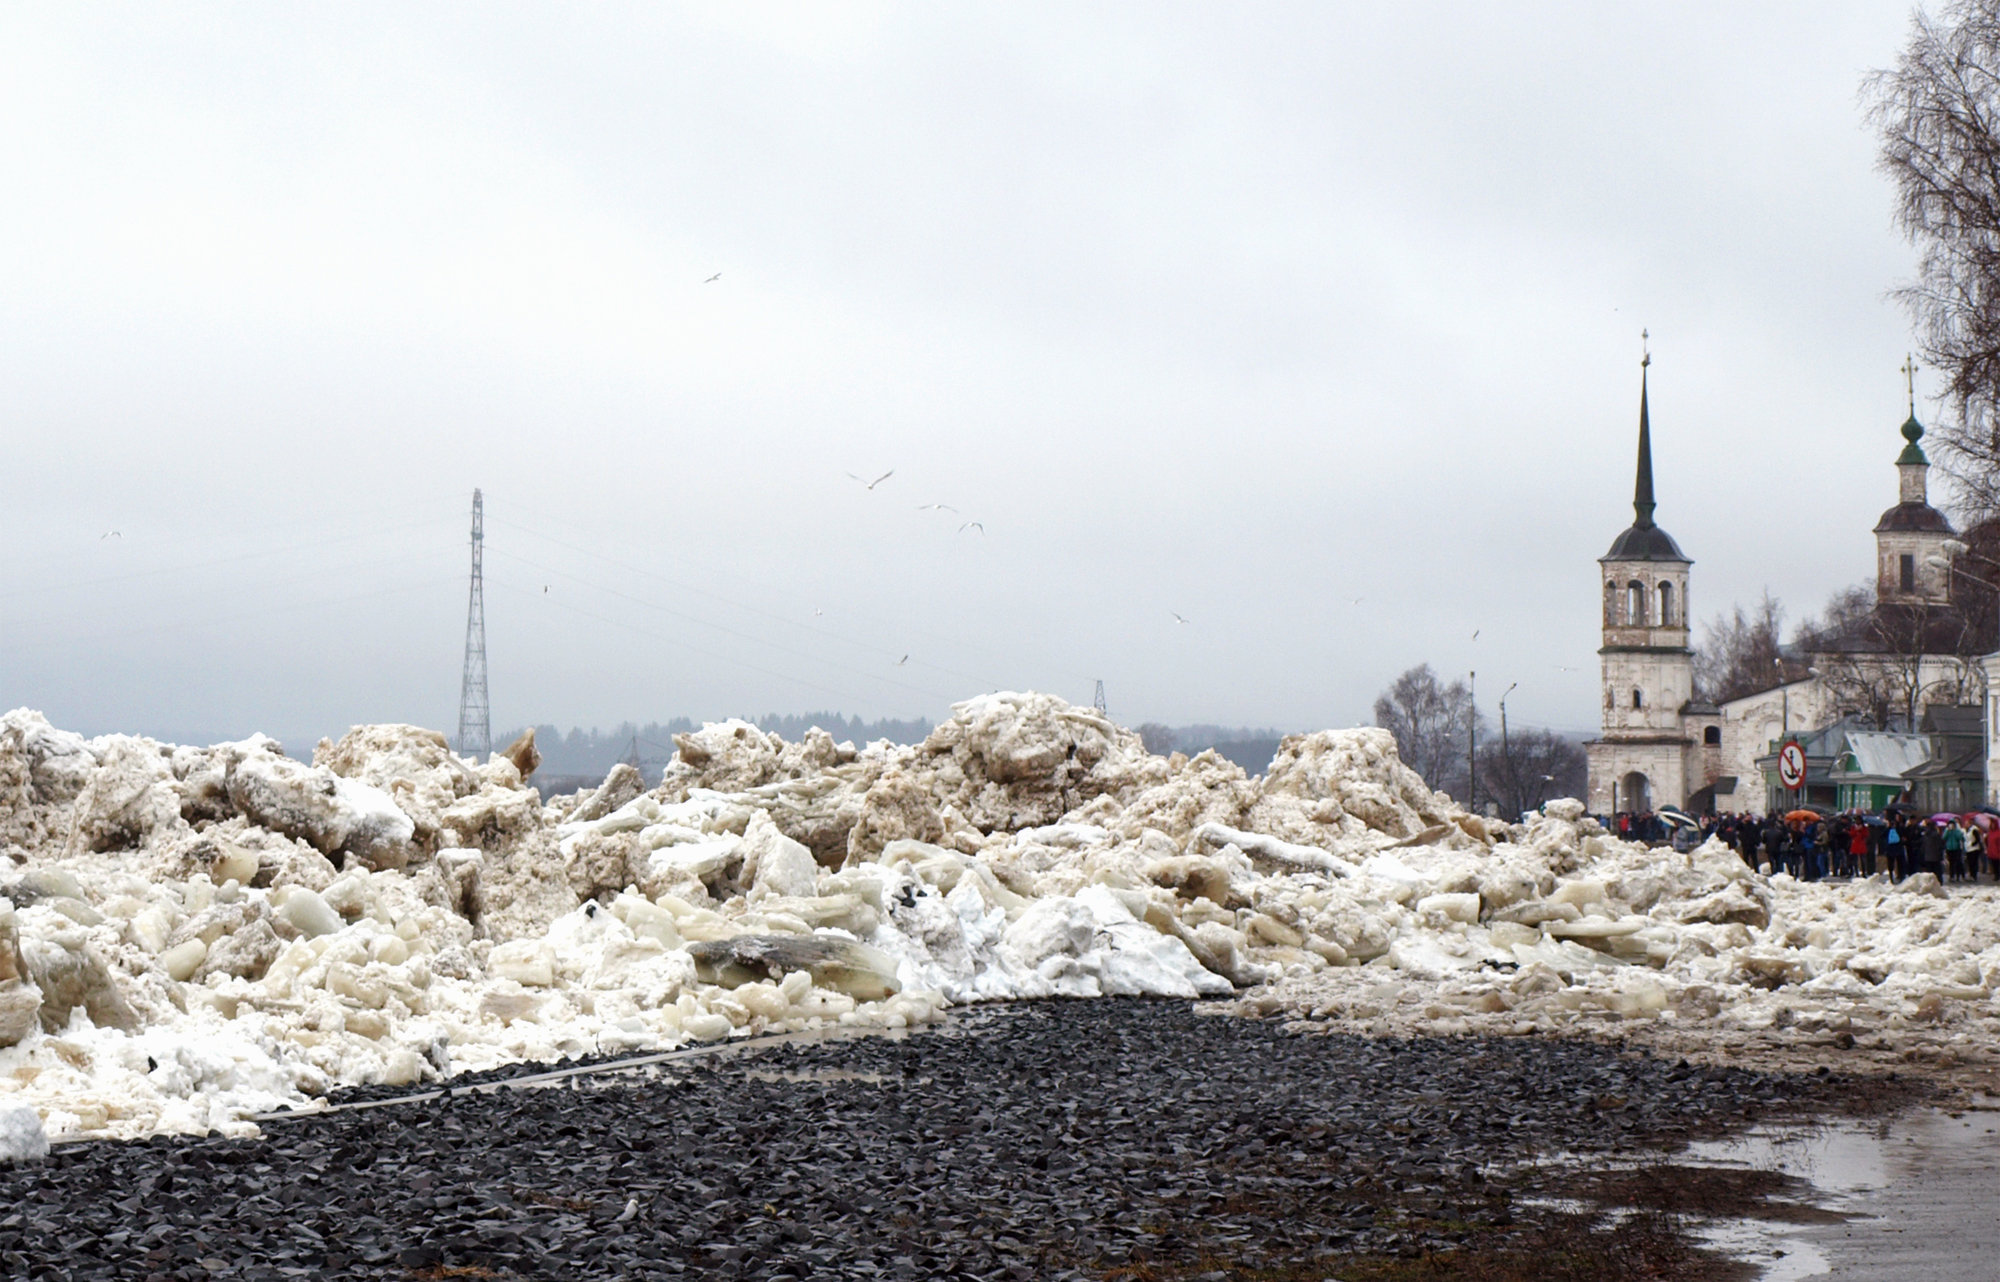 ВВС РФ вновь начали «бомбардировки», но на этот раз — для борьбы с ледовыми заторами